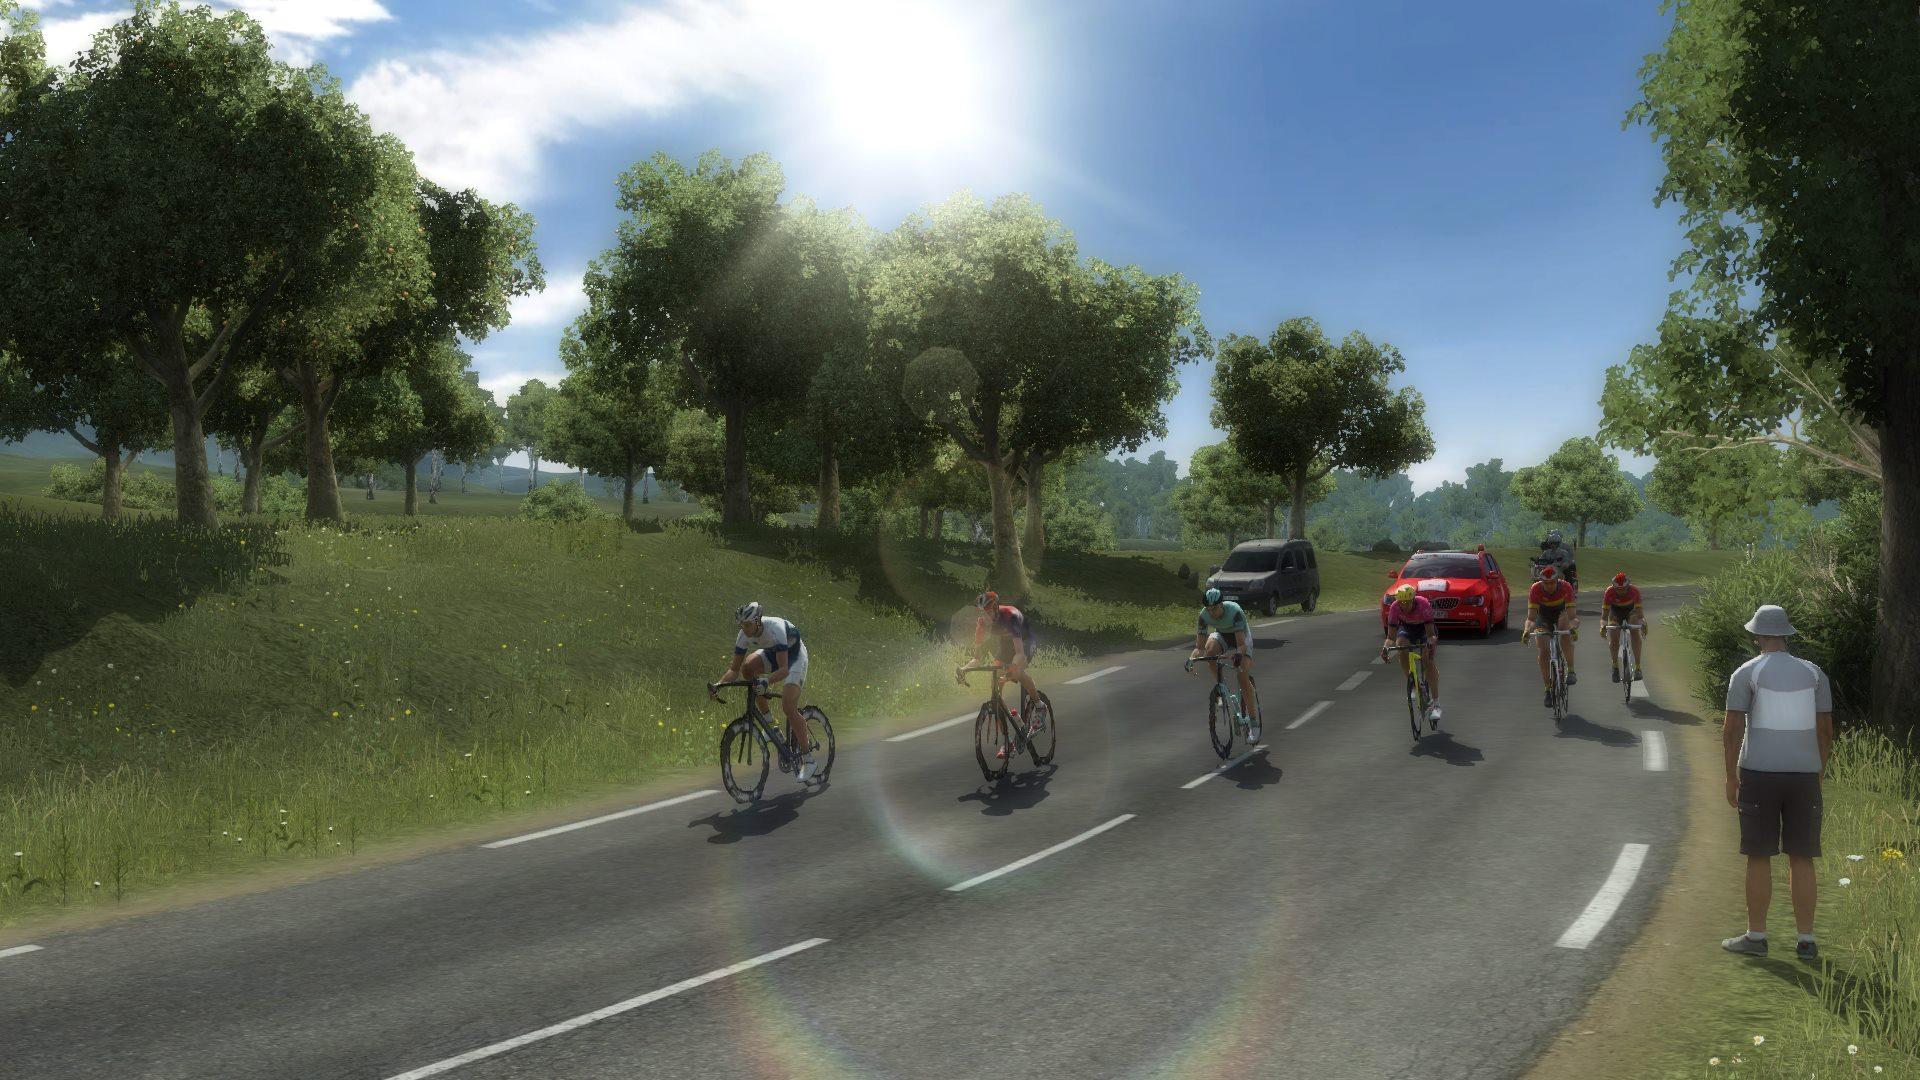 pcmdaily.com/images/mg/2019/Races/C2HC/GORC/gorc-002.jpg